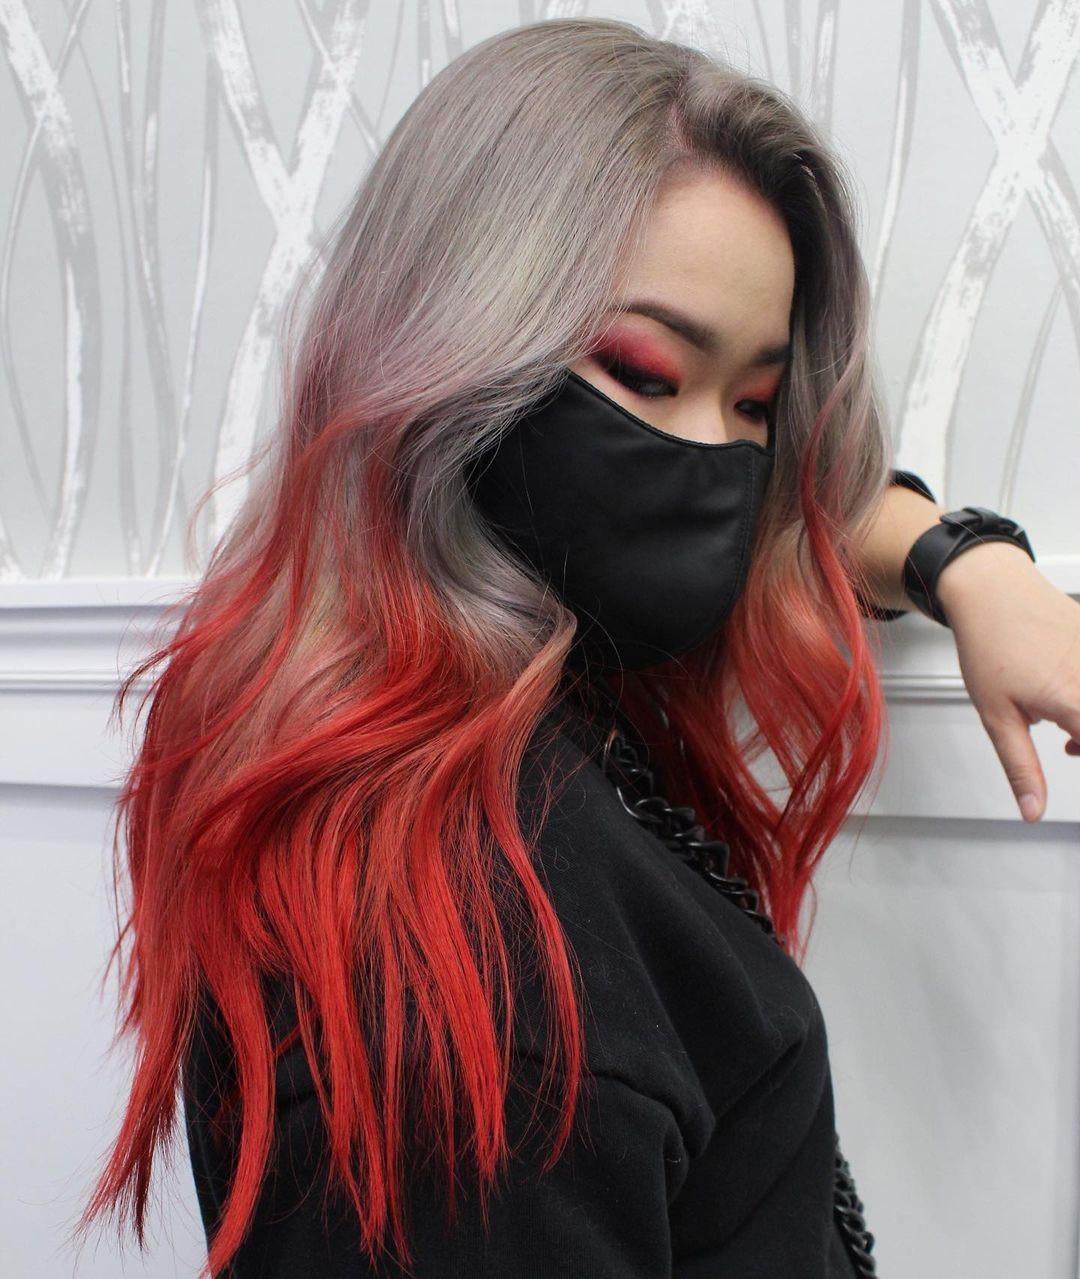 Uzun Saç Rengi Tasarım Fikirleri - Uzun Saç Modelleri ve Saç Kesimi 2021 -2022